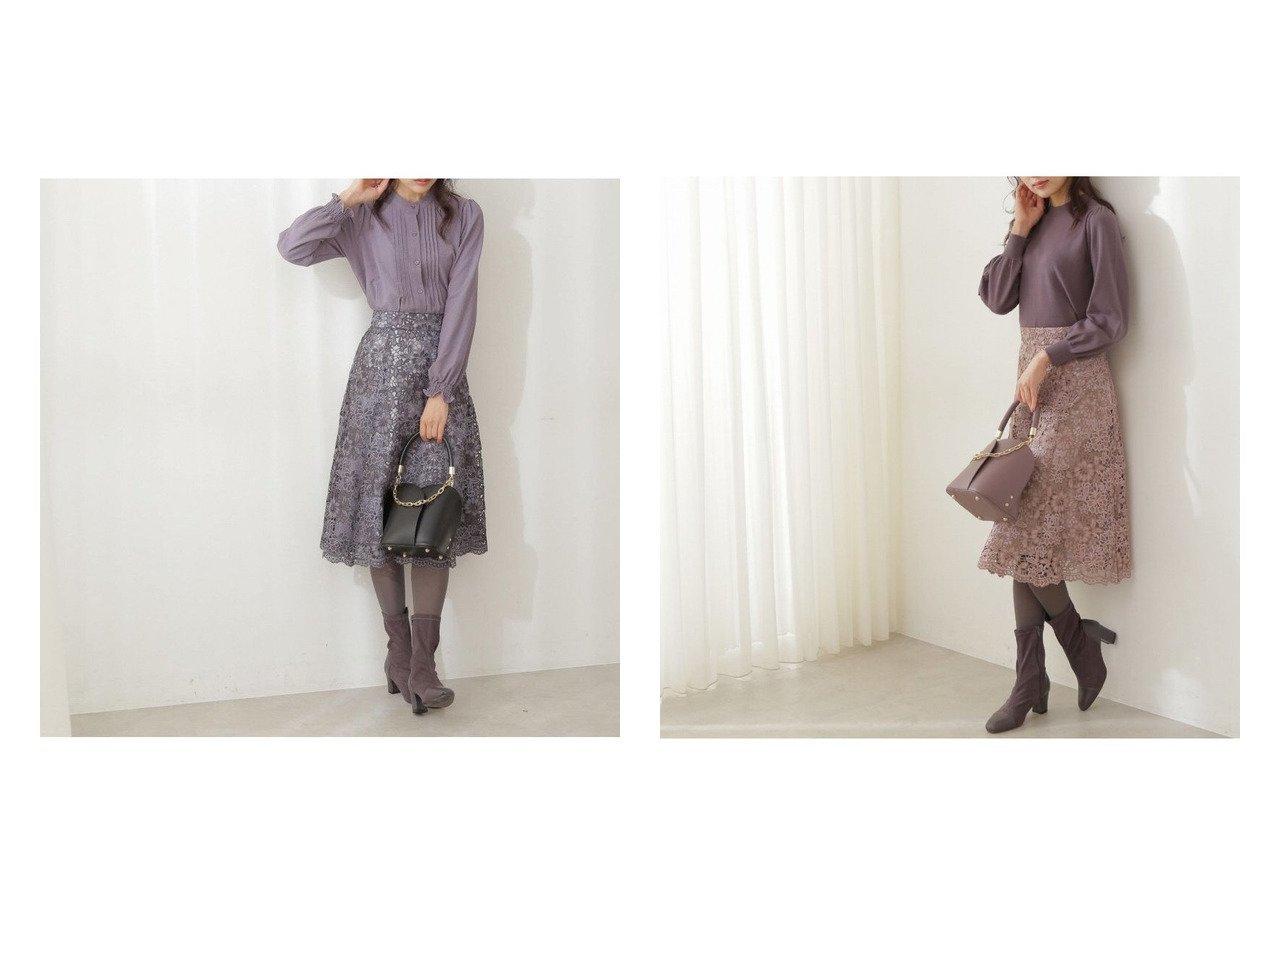 【PROPORTION BODY DRESSING/プロポーション ボディドレッシング】のツートーンケミカルレースフレアスカート 【スカート】おすすめ!人気、トレンド・レディースファッションの通販 おすすめで人気の流行・トレンド、ファッションの通販商品 インテリア・家具・メンズファッション・キッズファッション・レディースファッション・服の通販 founy(ファニー) https://founy.com/ ファッション Fashion レディースファッション WOMEN スカート Skirt Aライン/フレアスカート Flared A-Line Skirts ショート フェミニン フレア ワーク 秋 Autumn/Fall  ID:crp329100000070580